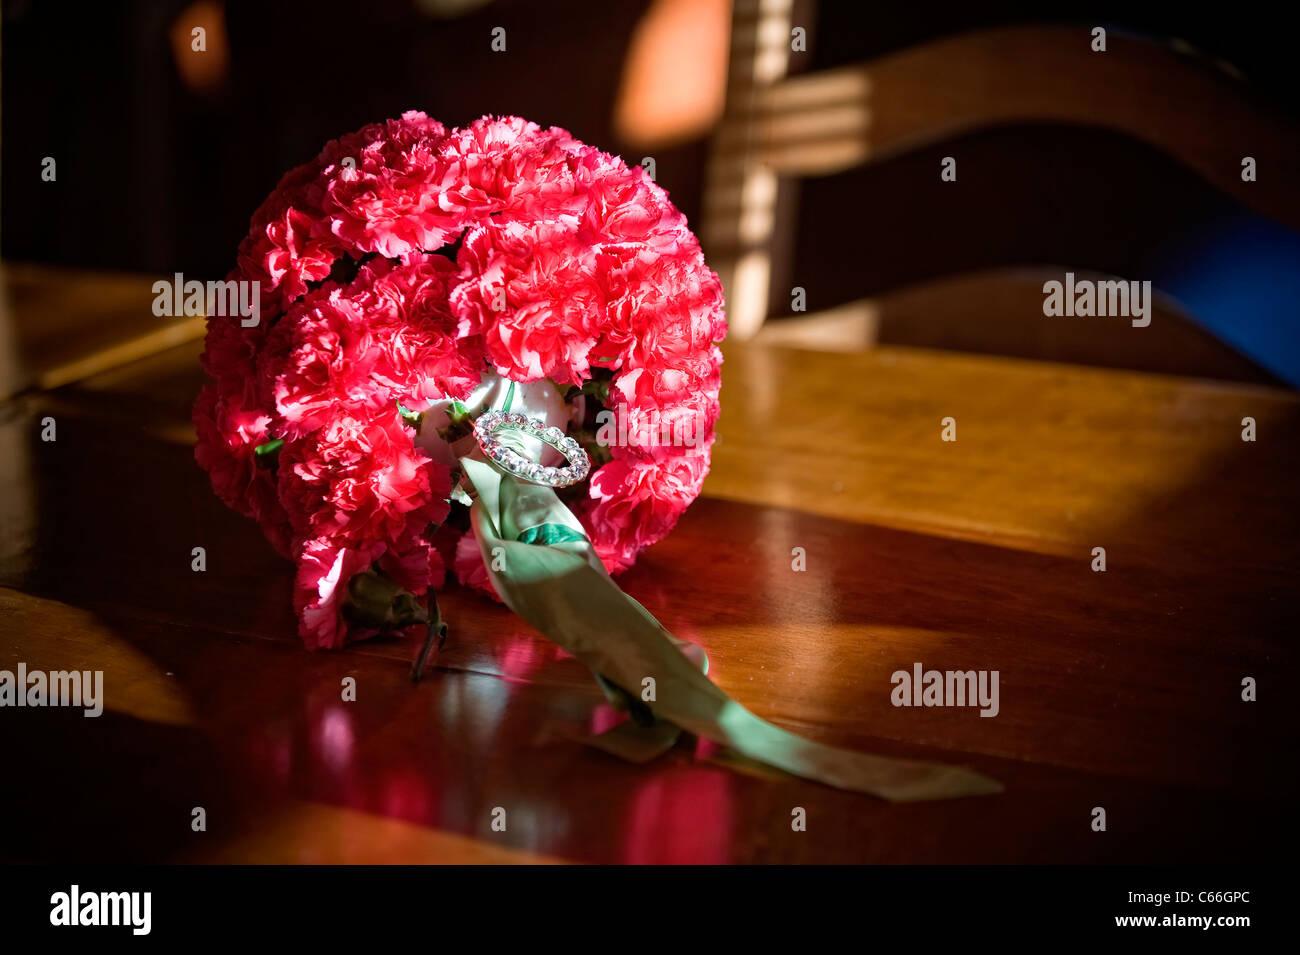 Bride's flower bouquet - Stock Image